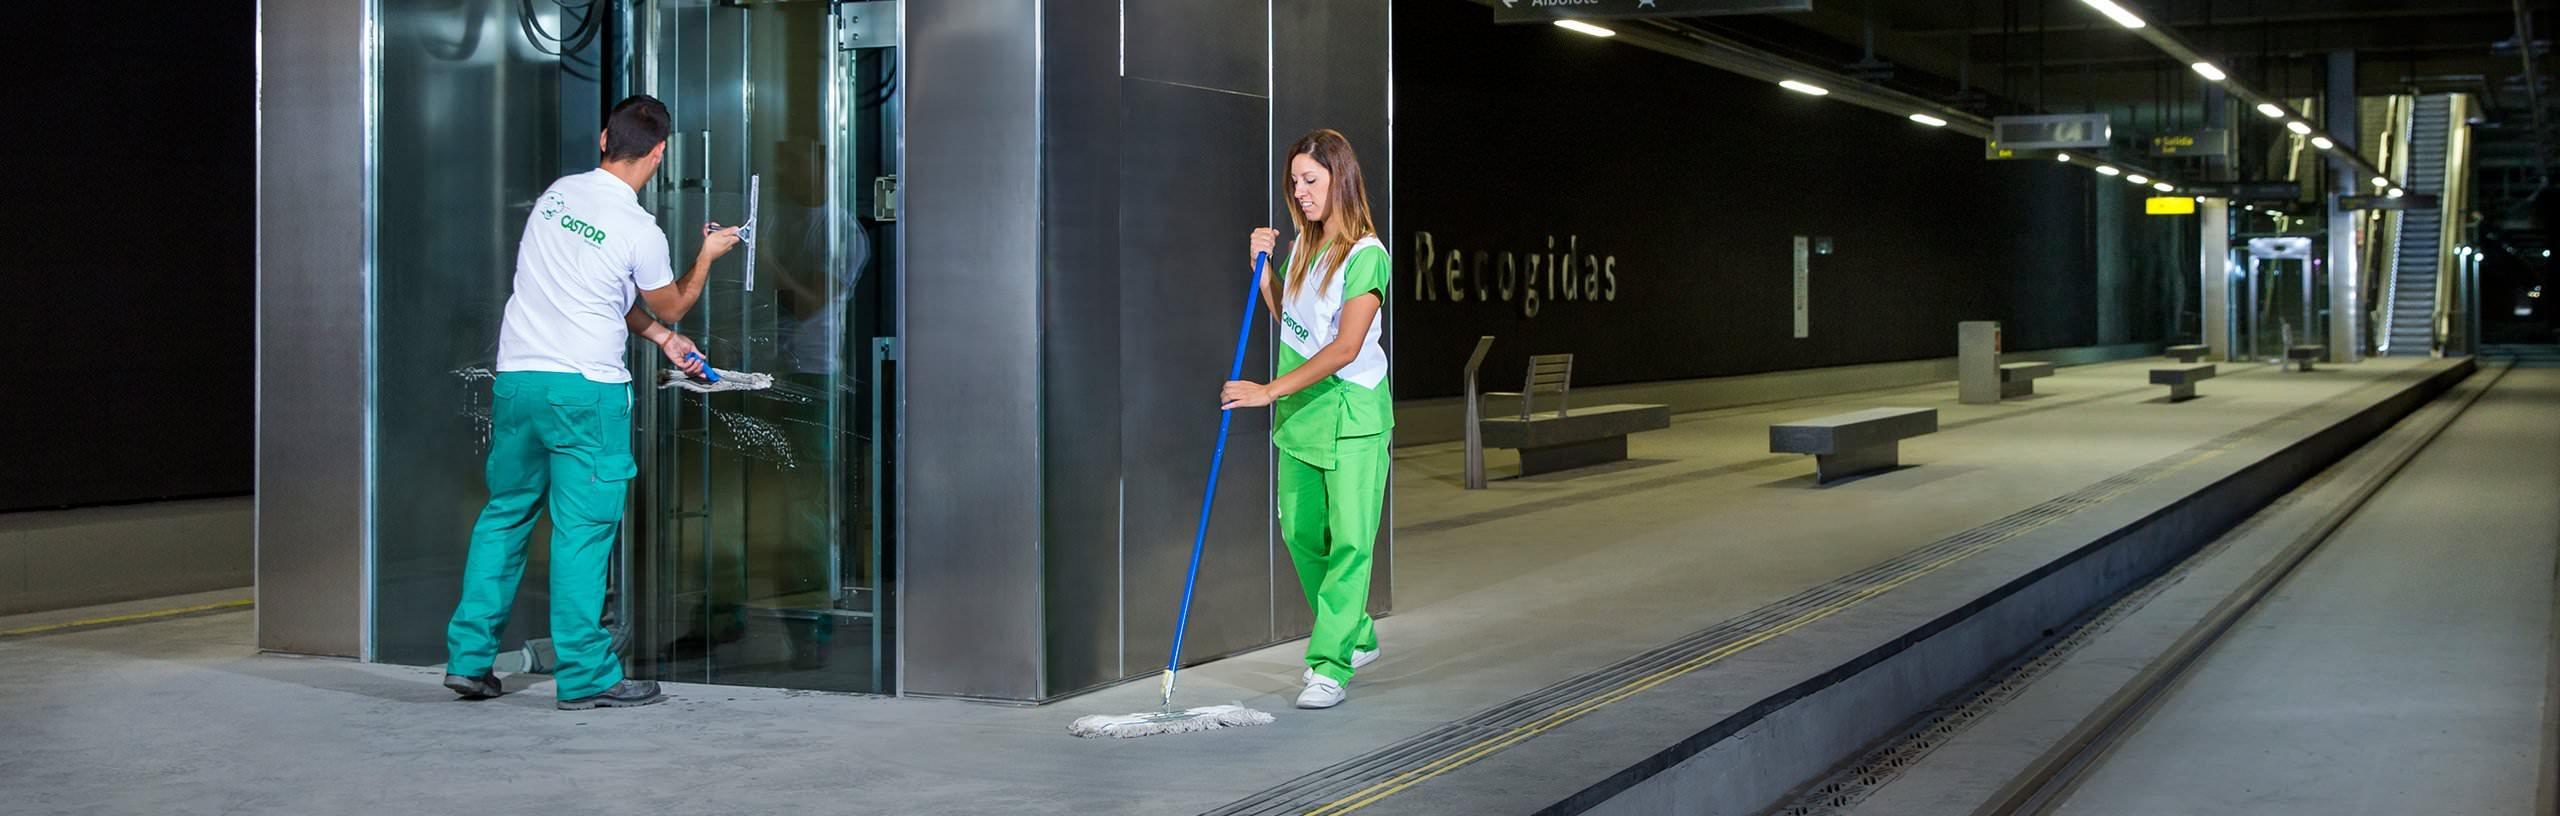 Limpiezas Castor. 4-1 Empresa de Limpieza Granada. Limpiezas Castor